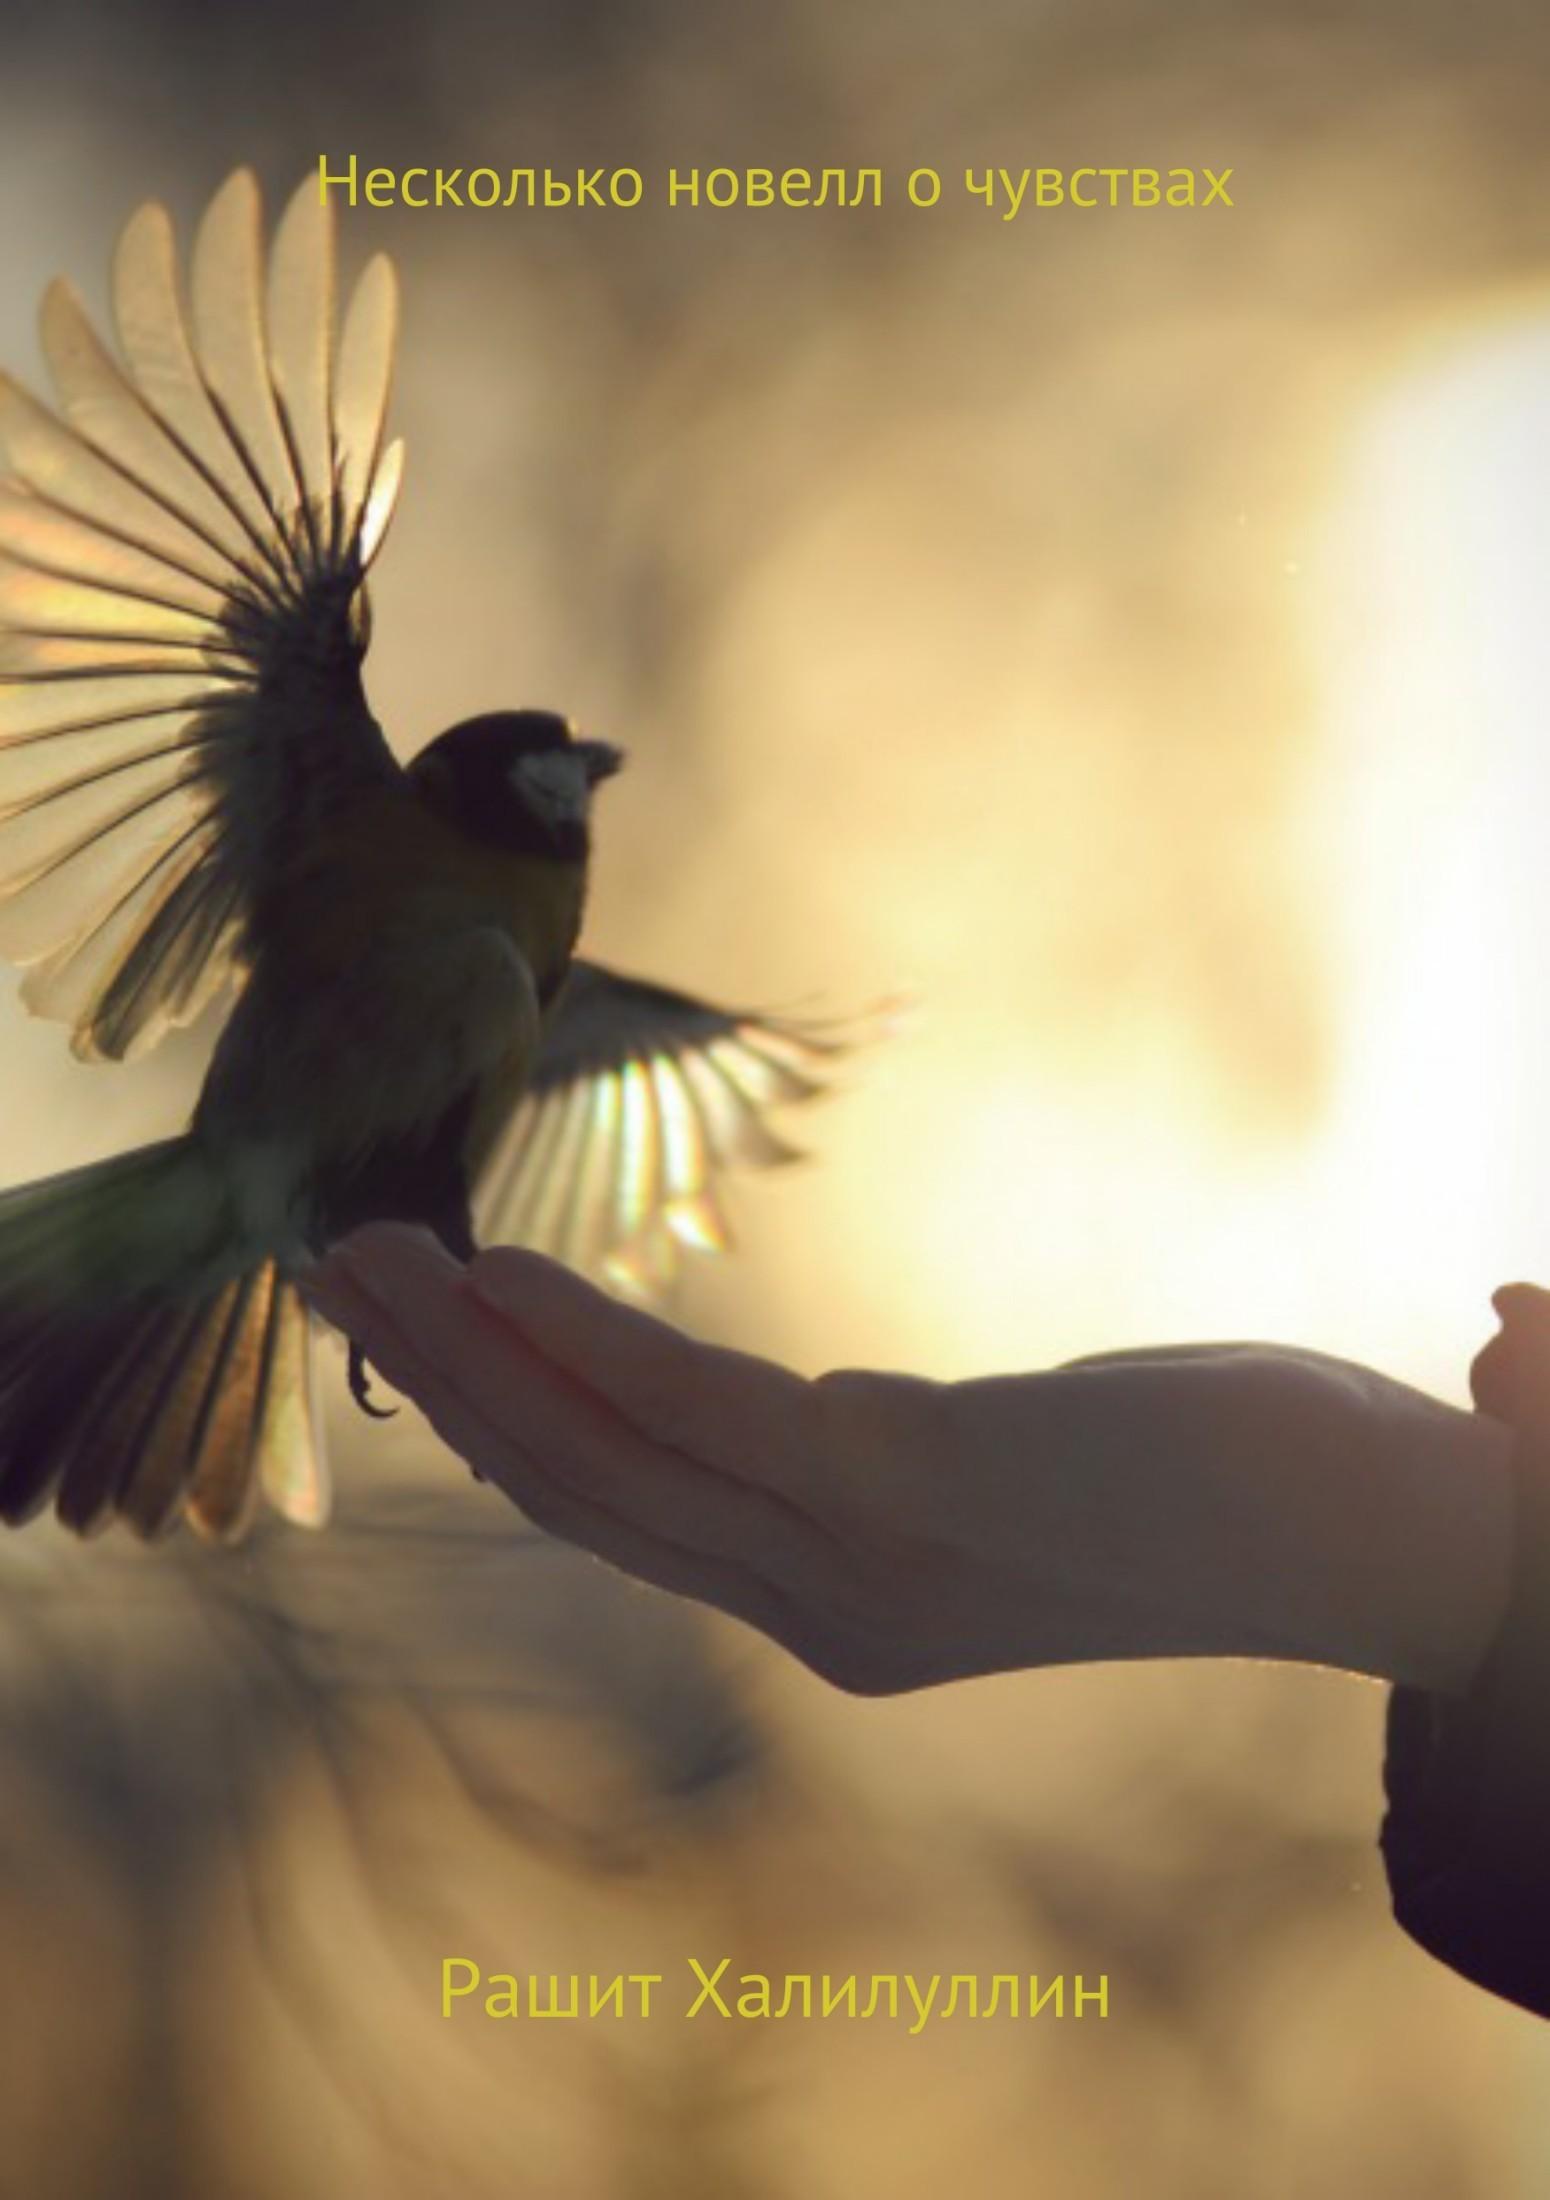 Рашит Халилуллин Несколько новелл о чувствах о чувствах